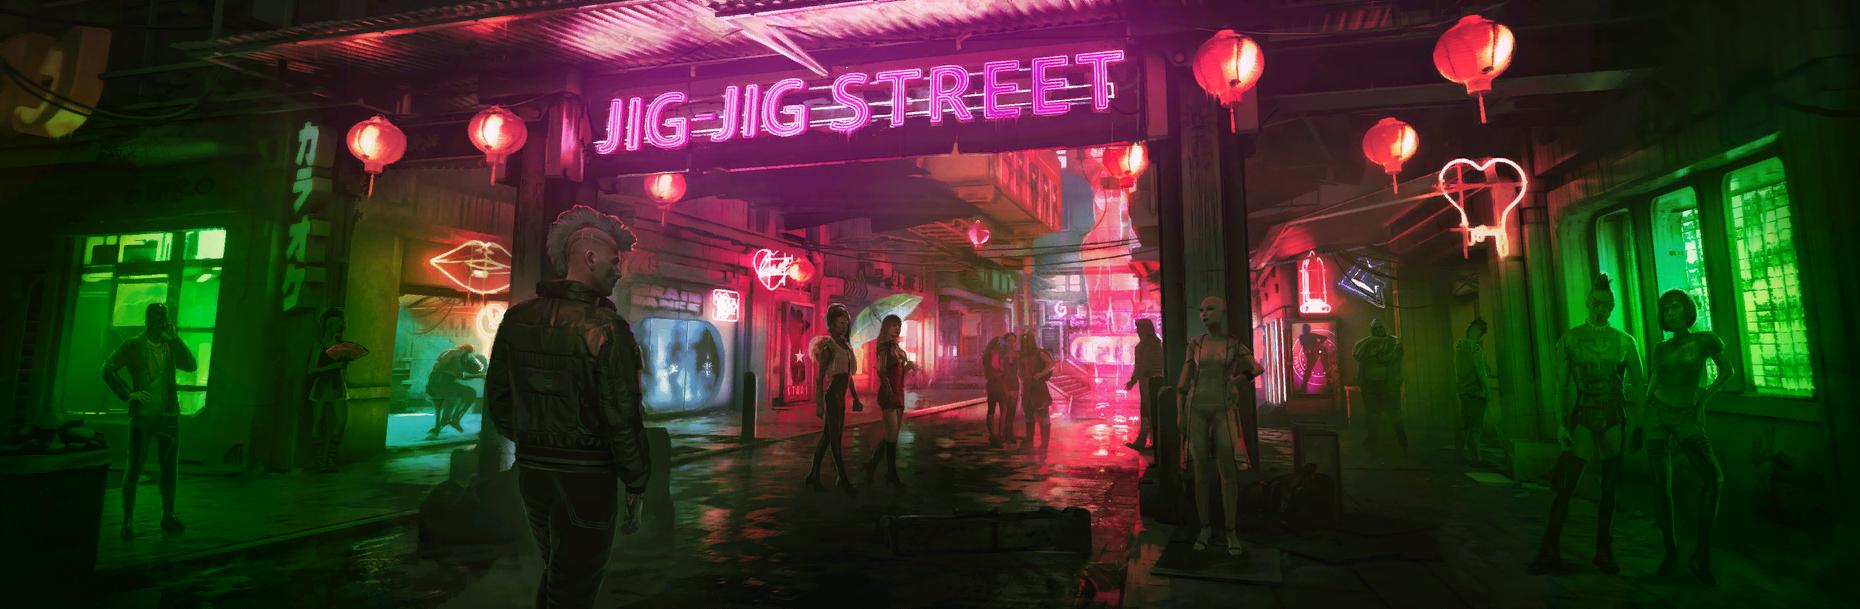 Jig-Jig Street